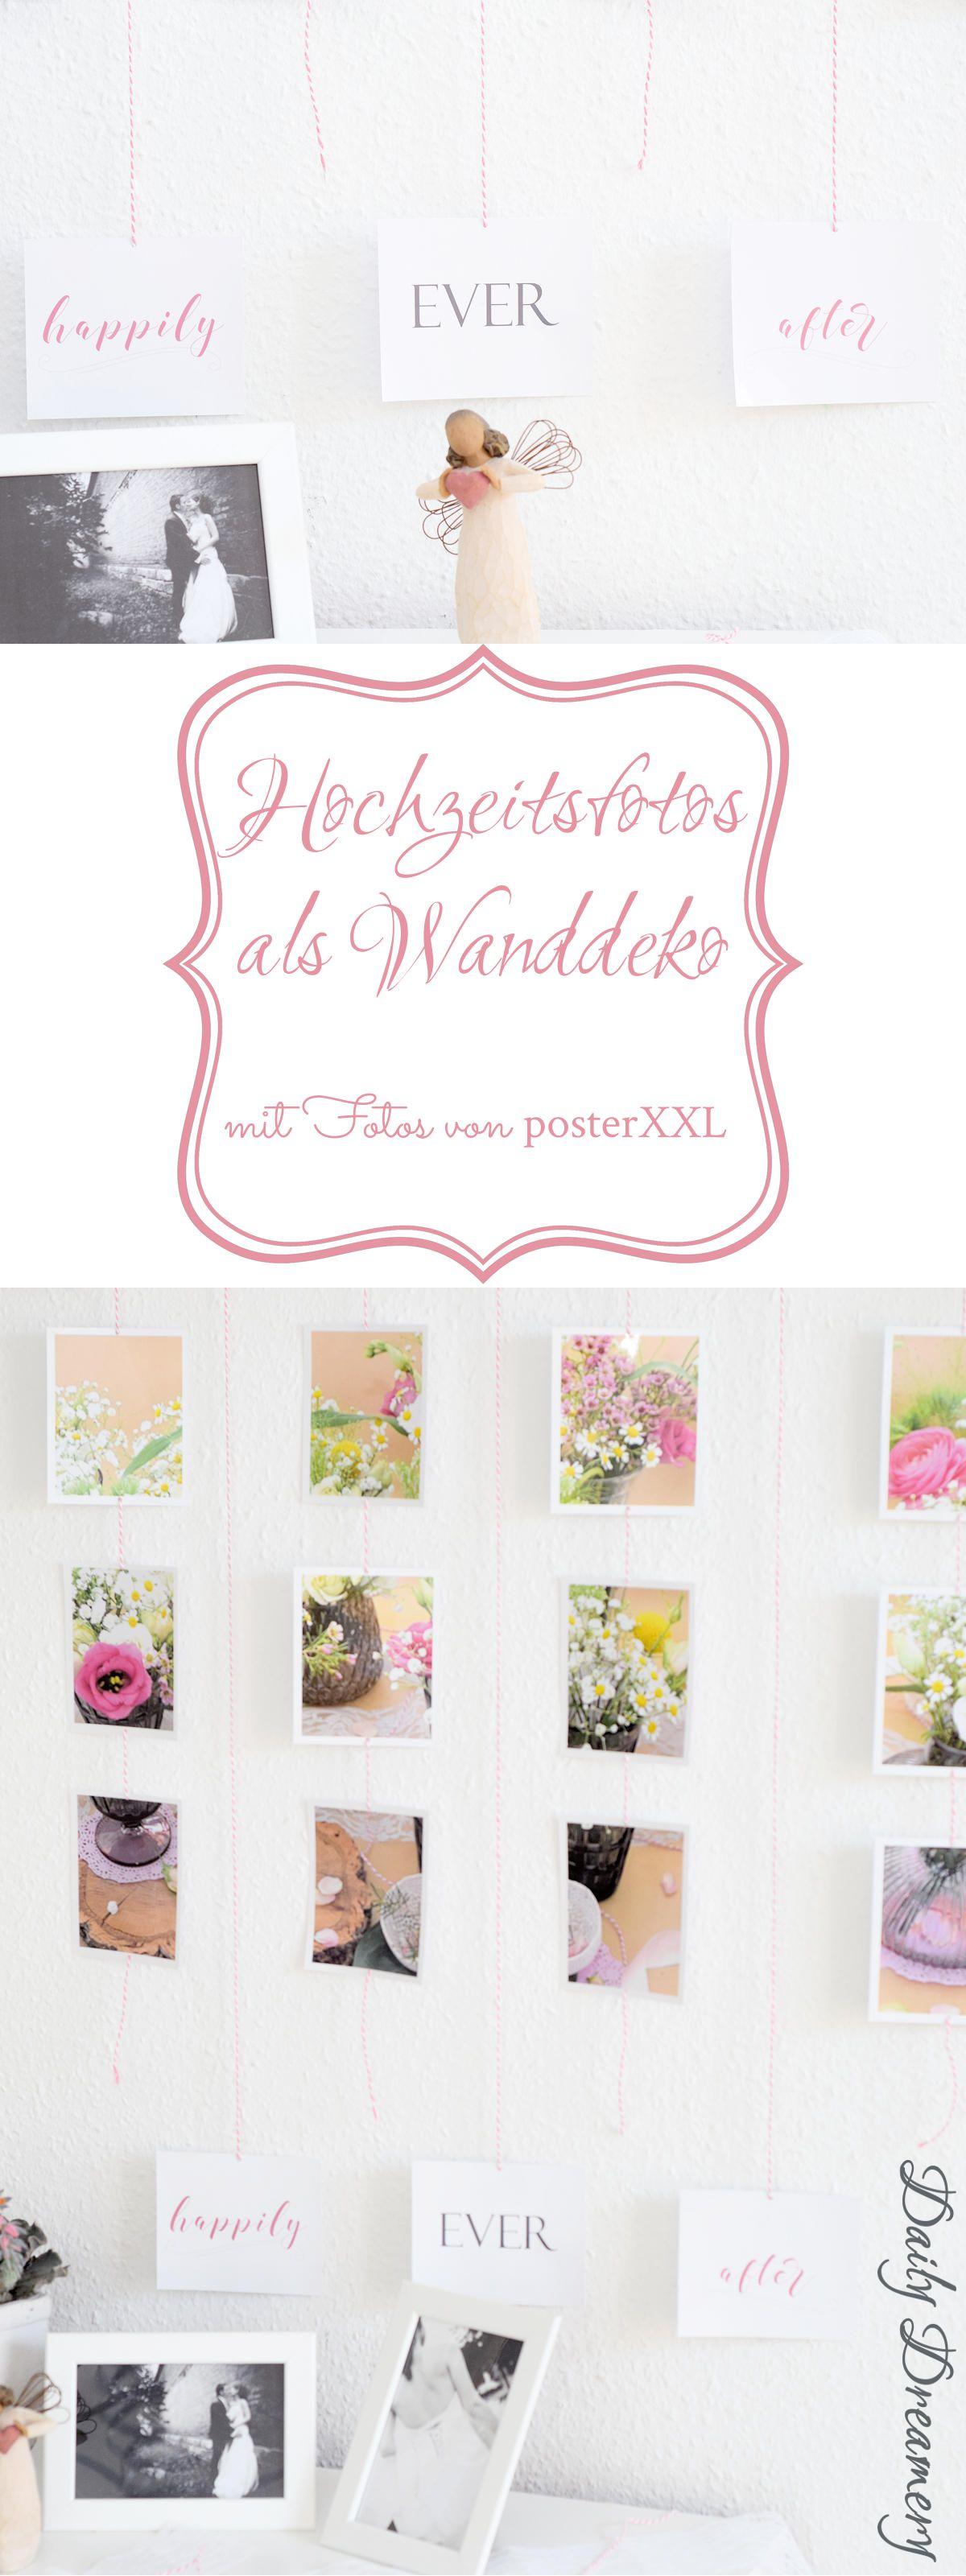 Hochzeitsfotos als DIY-Wanddekoration mit posterXXL - Wandbehang aus Fotos #diy #fotos #wanddekoration